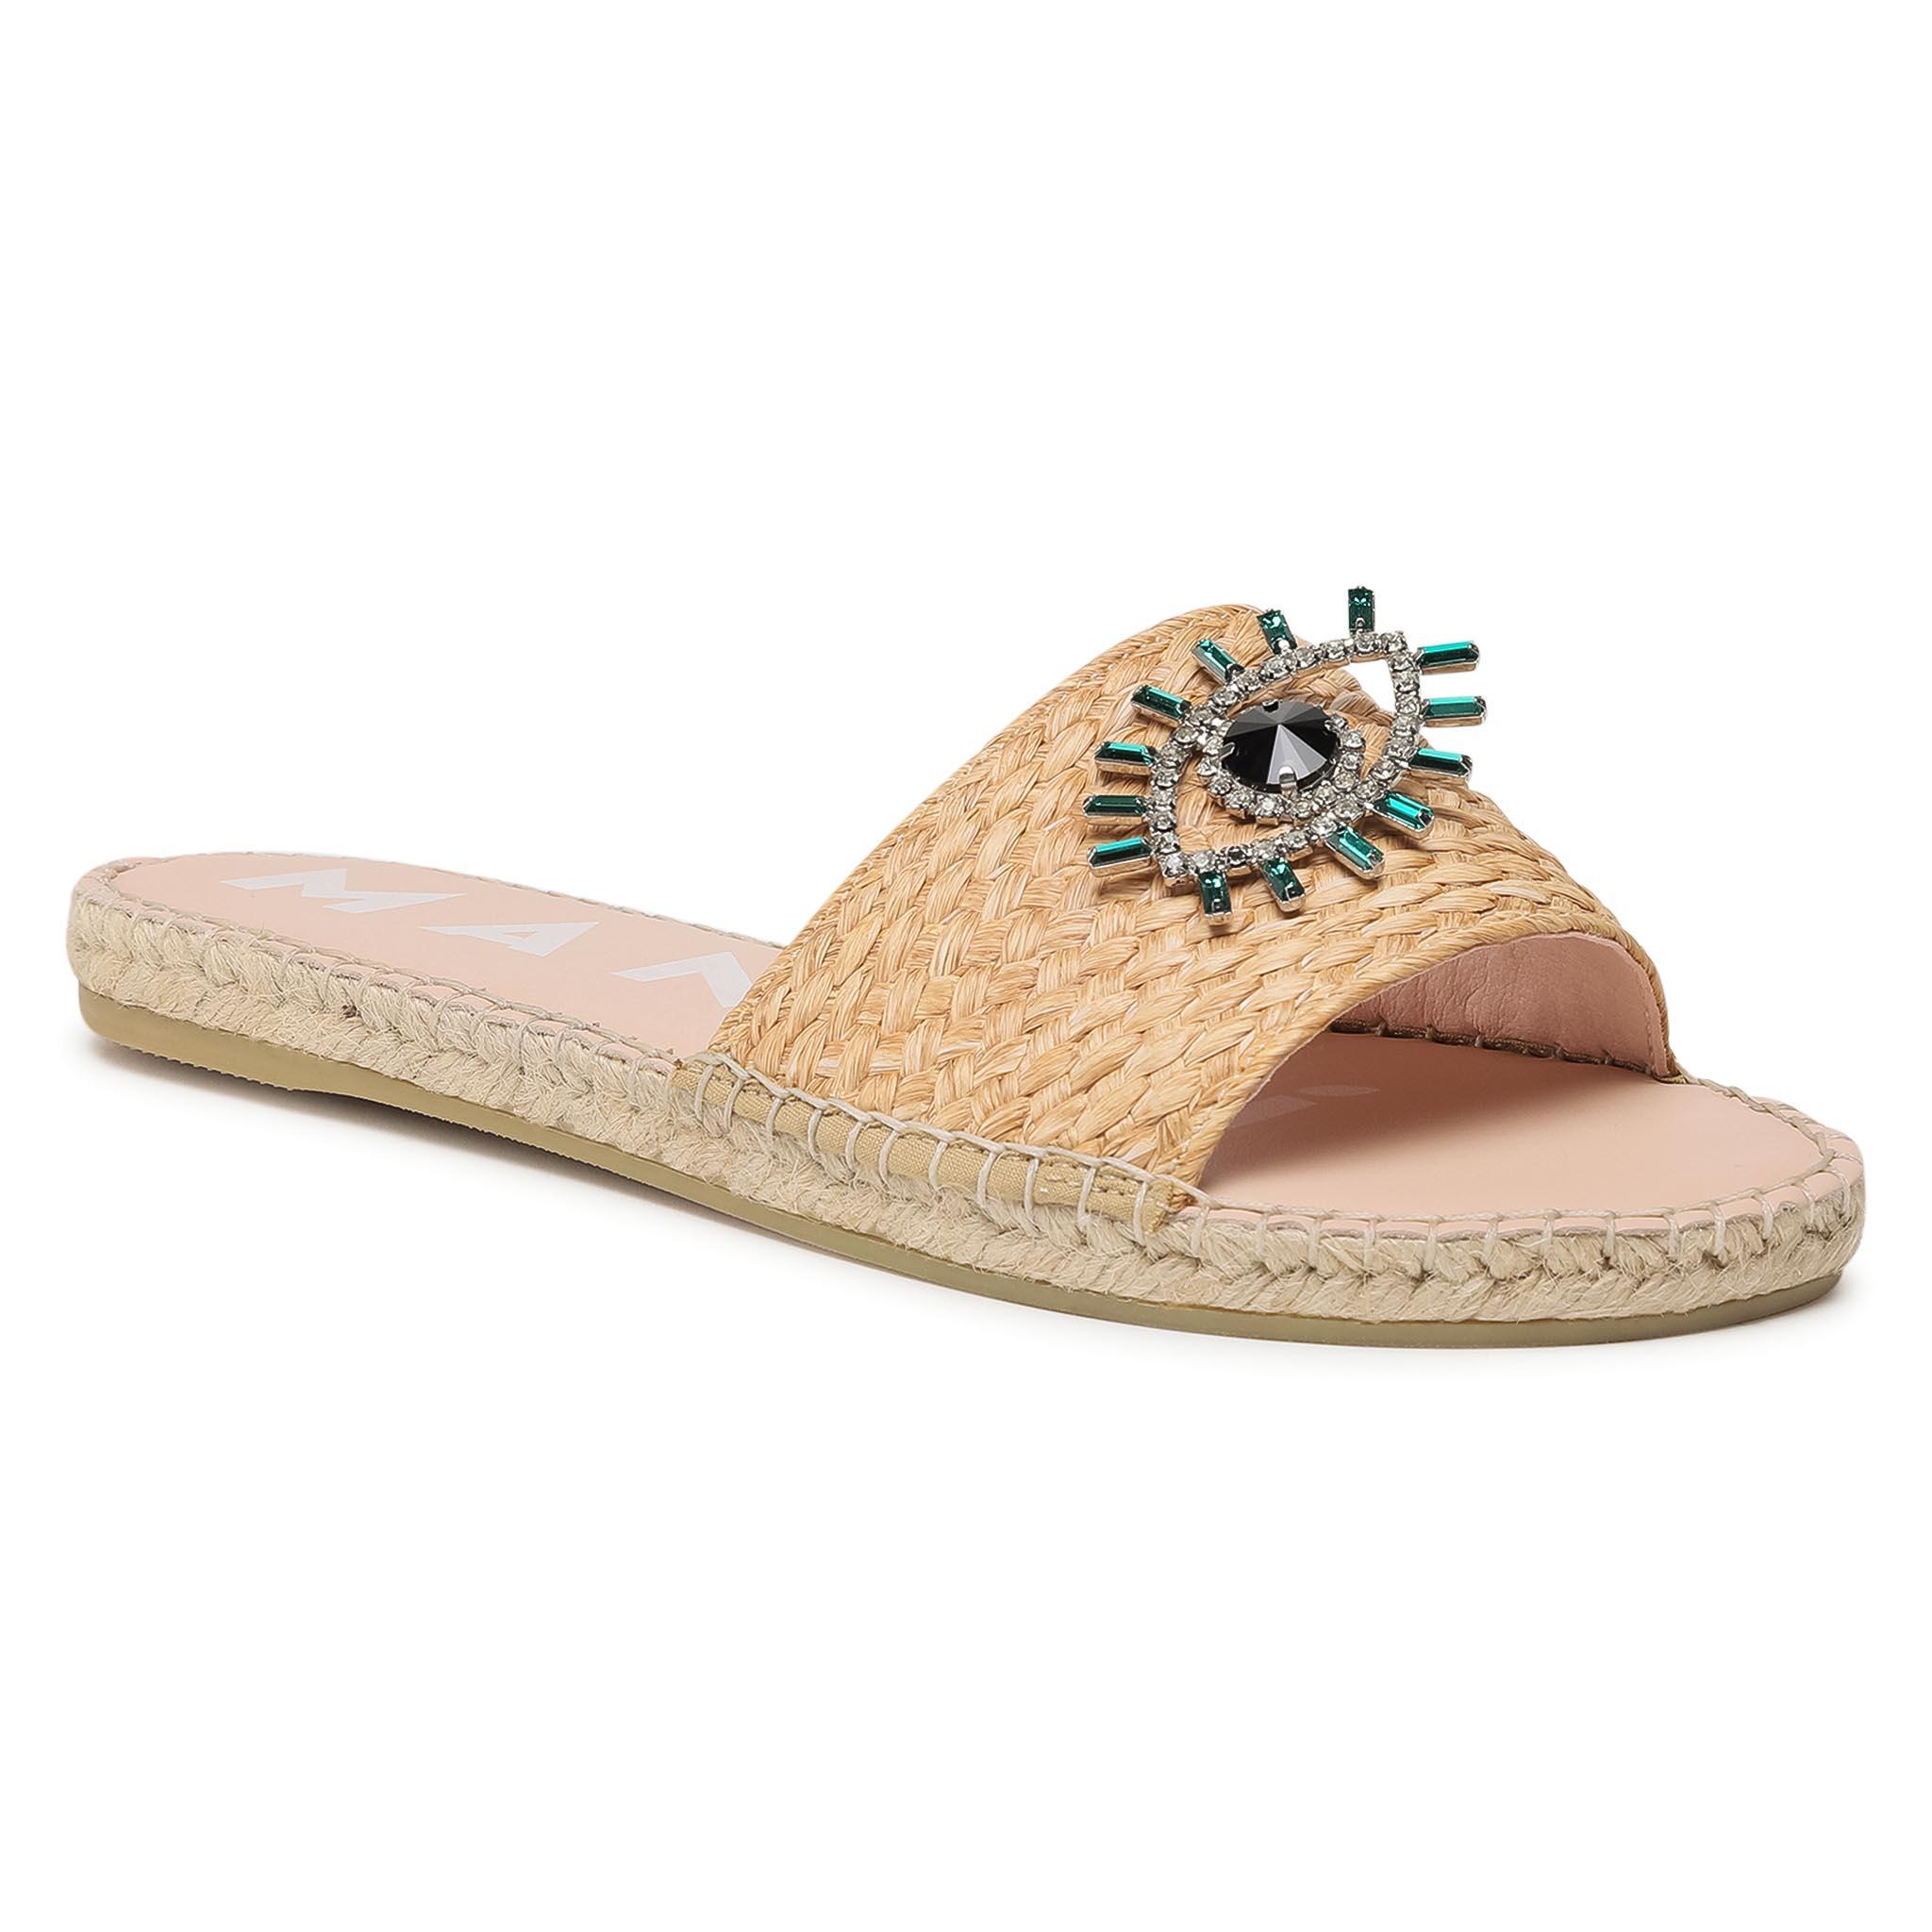 Image of Espadrilles MANEBI - Flat Sandals G 5.0 Js Natural W Evil Eye